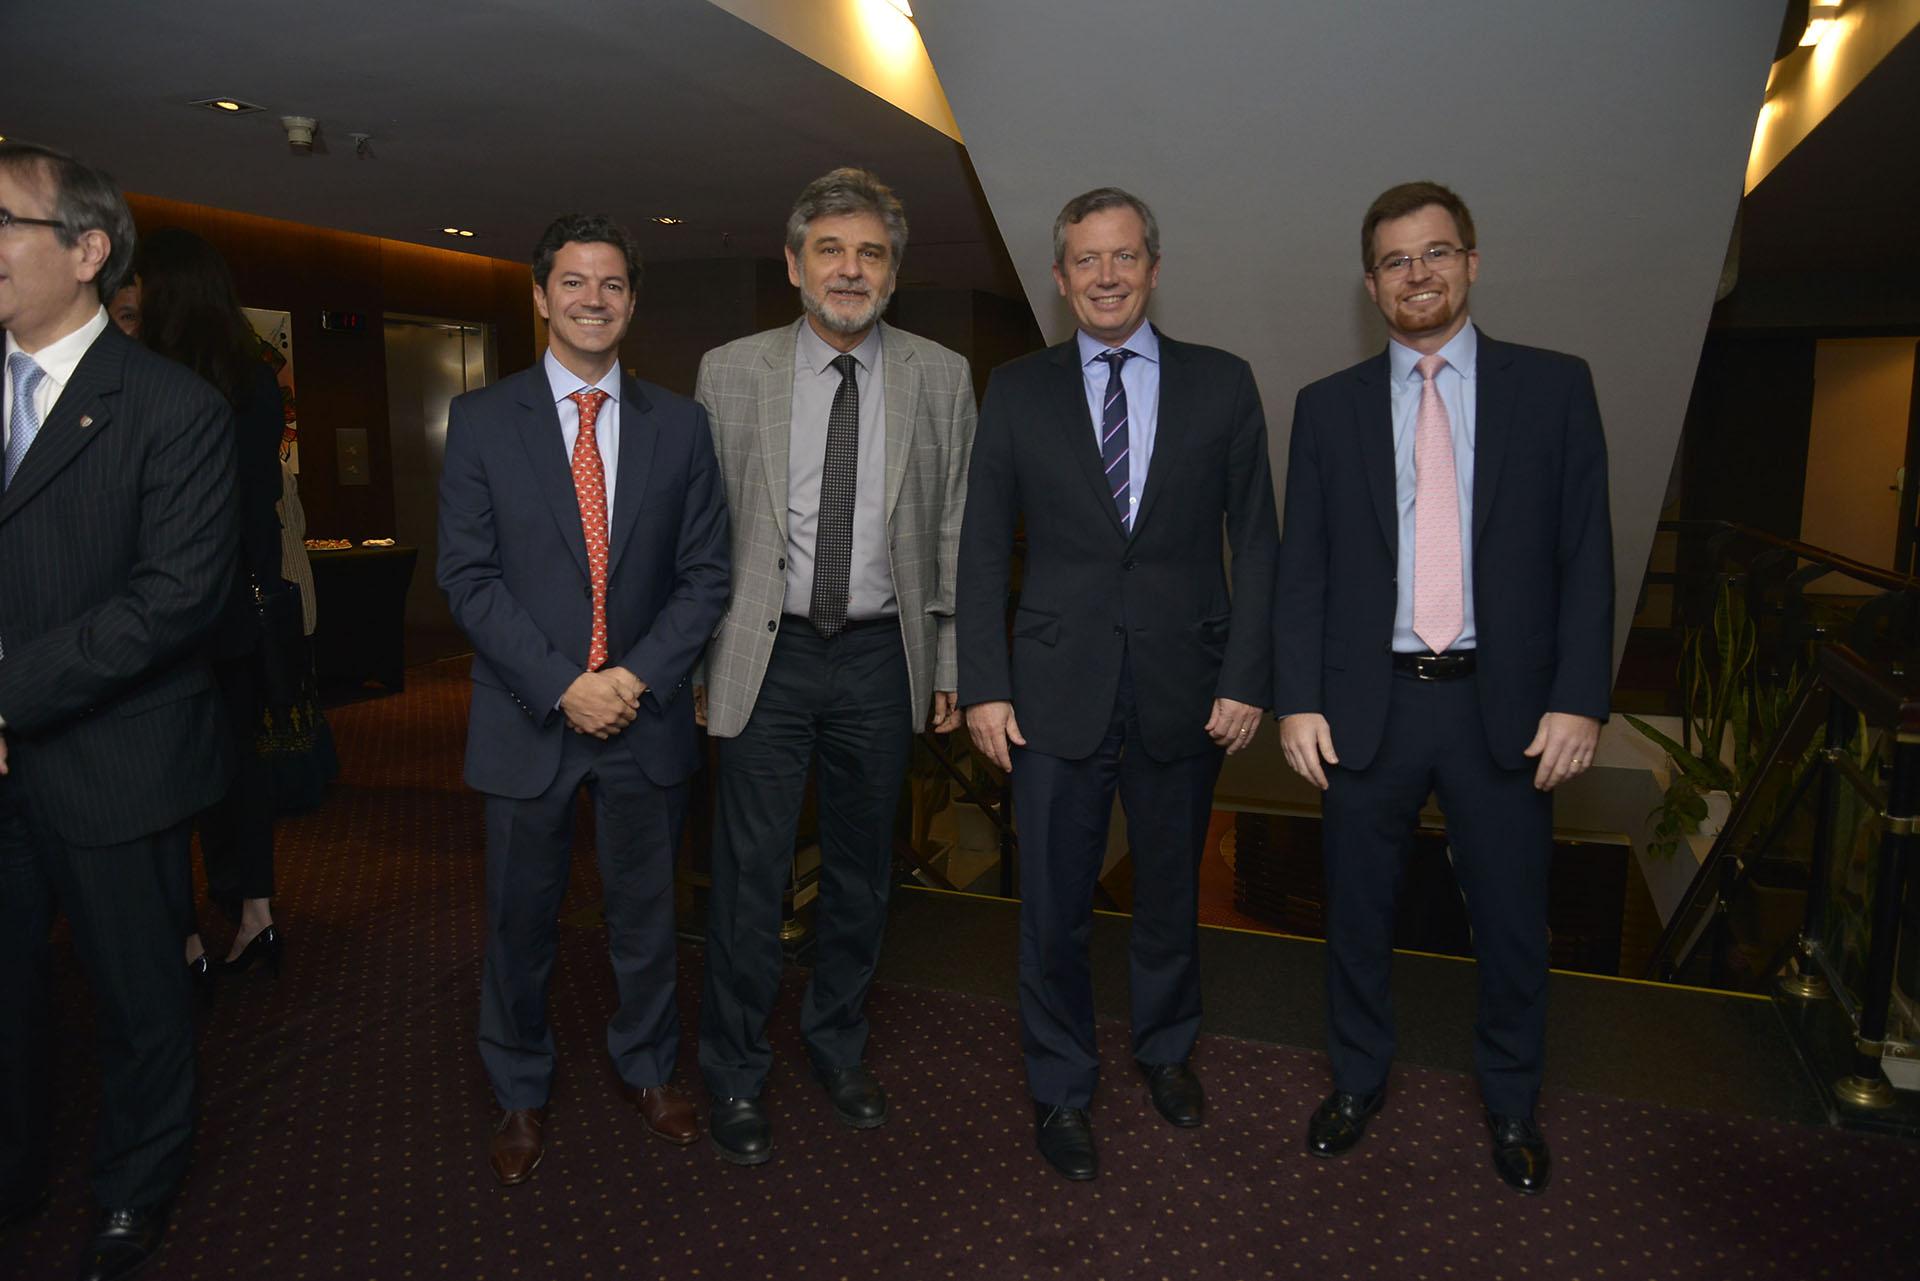 Los diputados Luciano Laspina, Daniel Filmus, Emilio Monzó y Nicolás Massot